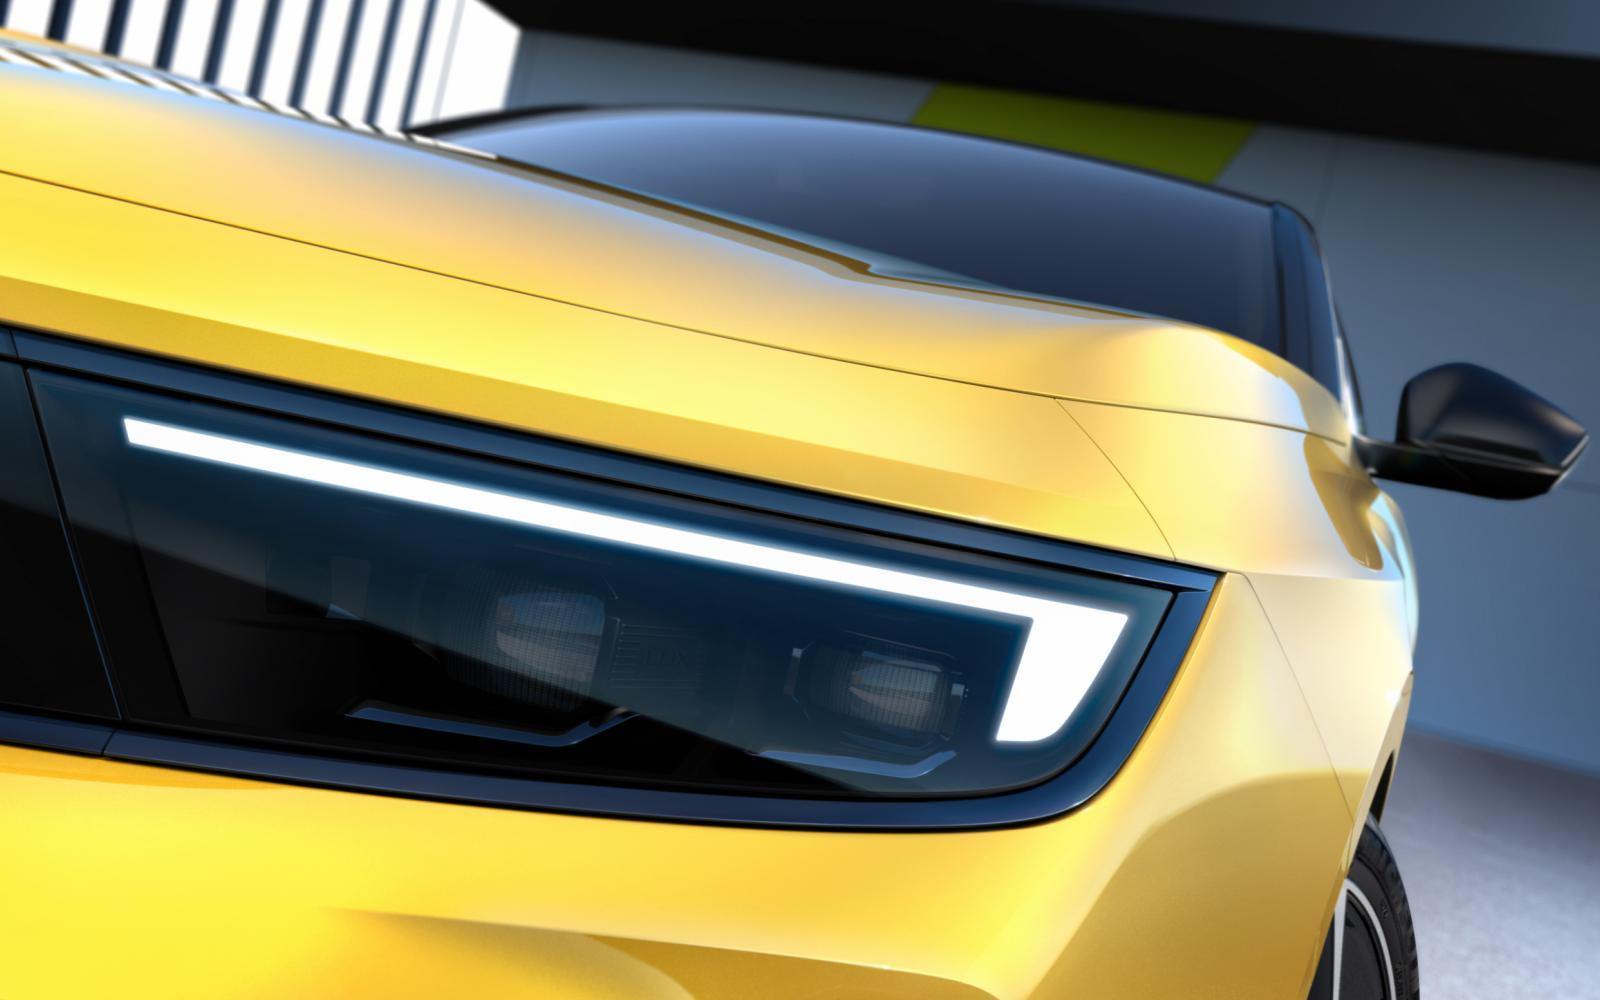 Zo ziet de nieuwe Opel Astra eruit